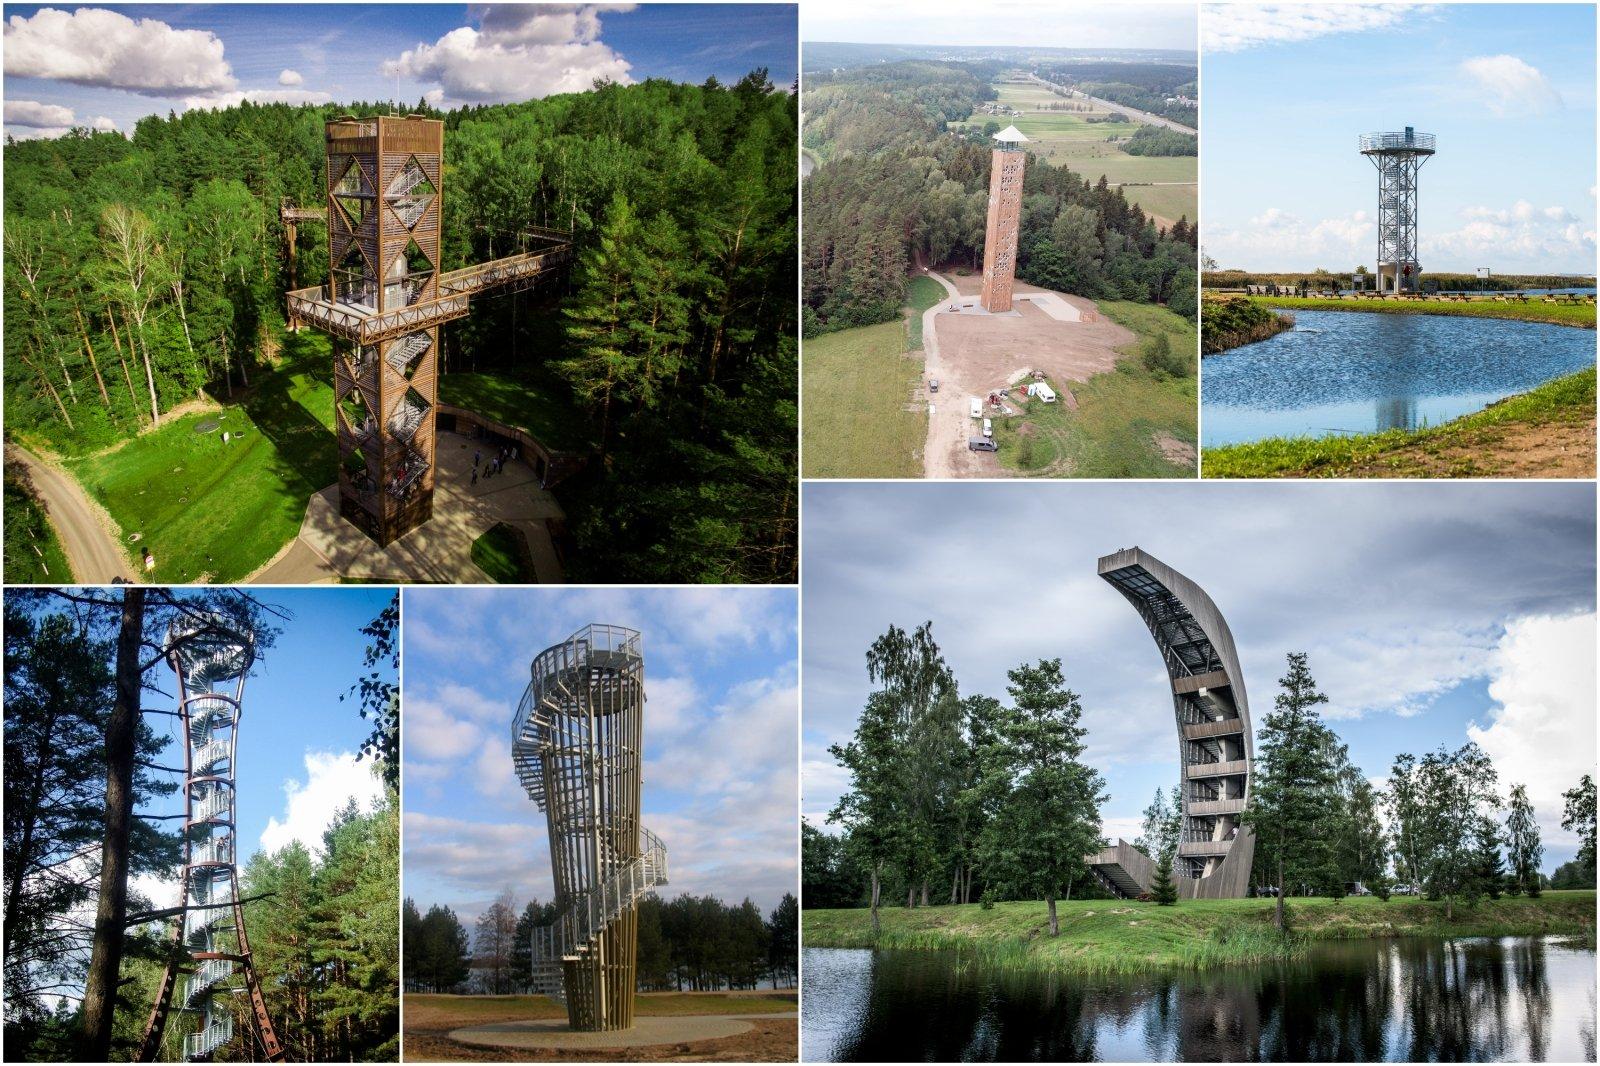 Nemokami įspūdžiai verti milijono: aukščiausi apžvalgos bokštai Lietuvoje - DELFI Kelionės